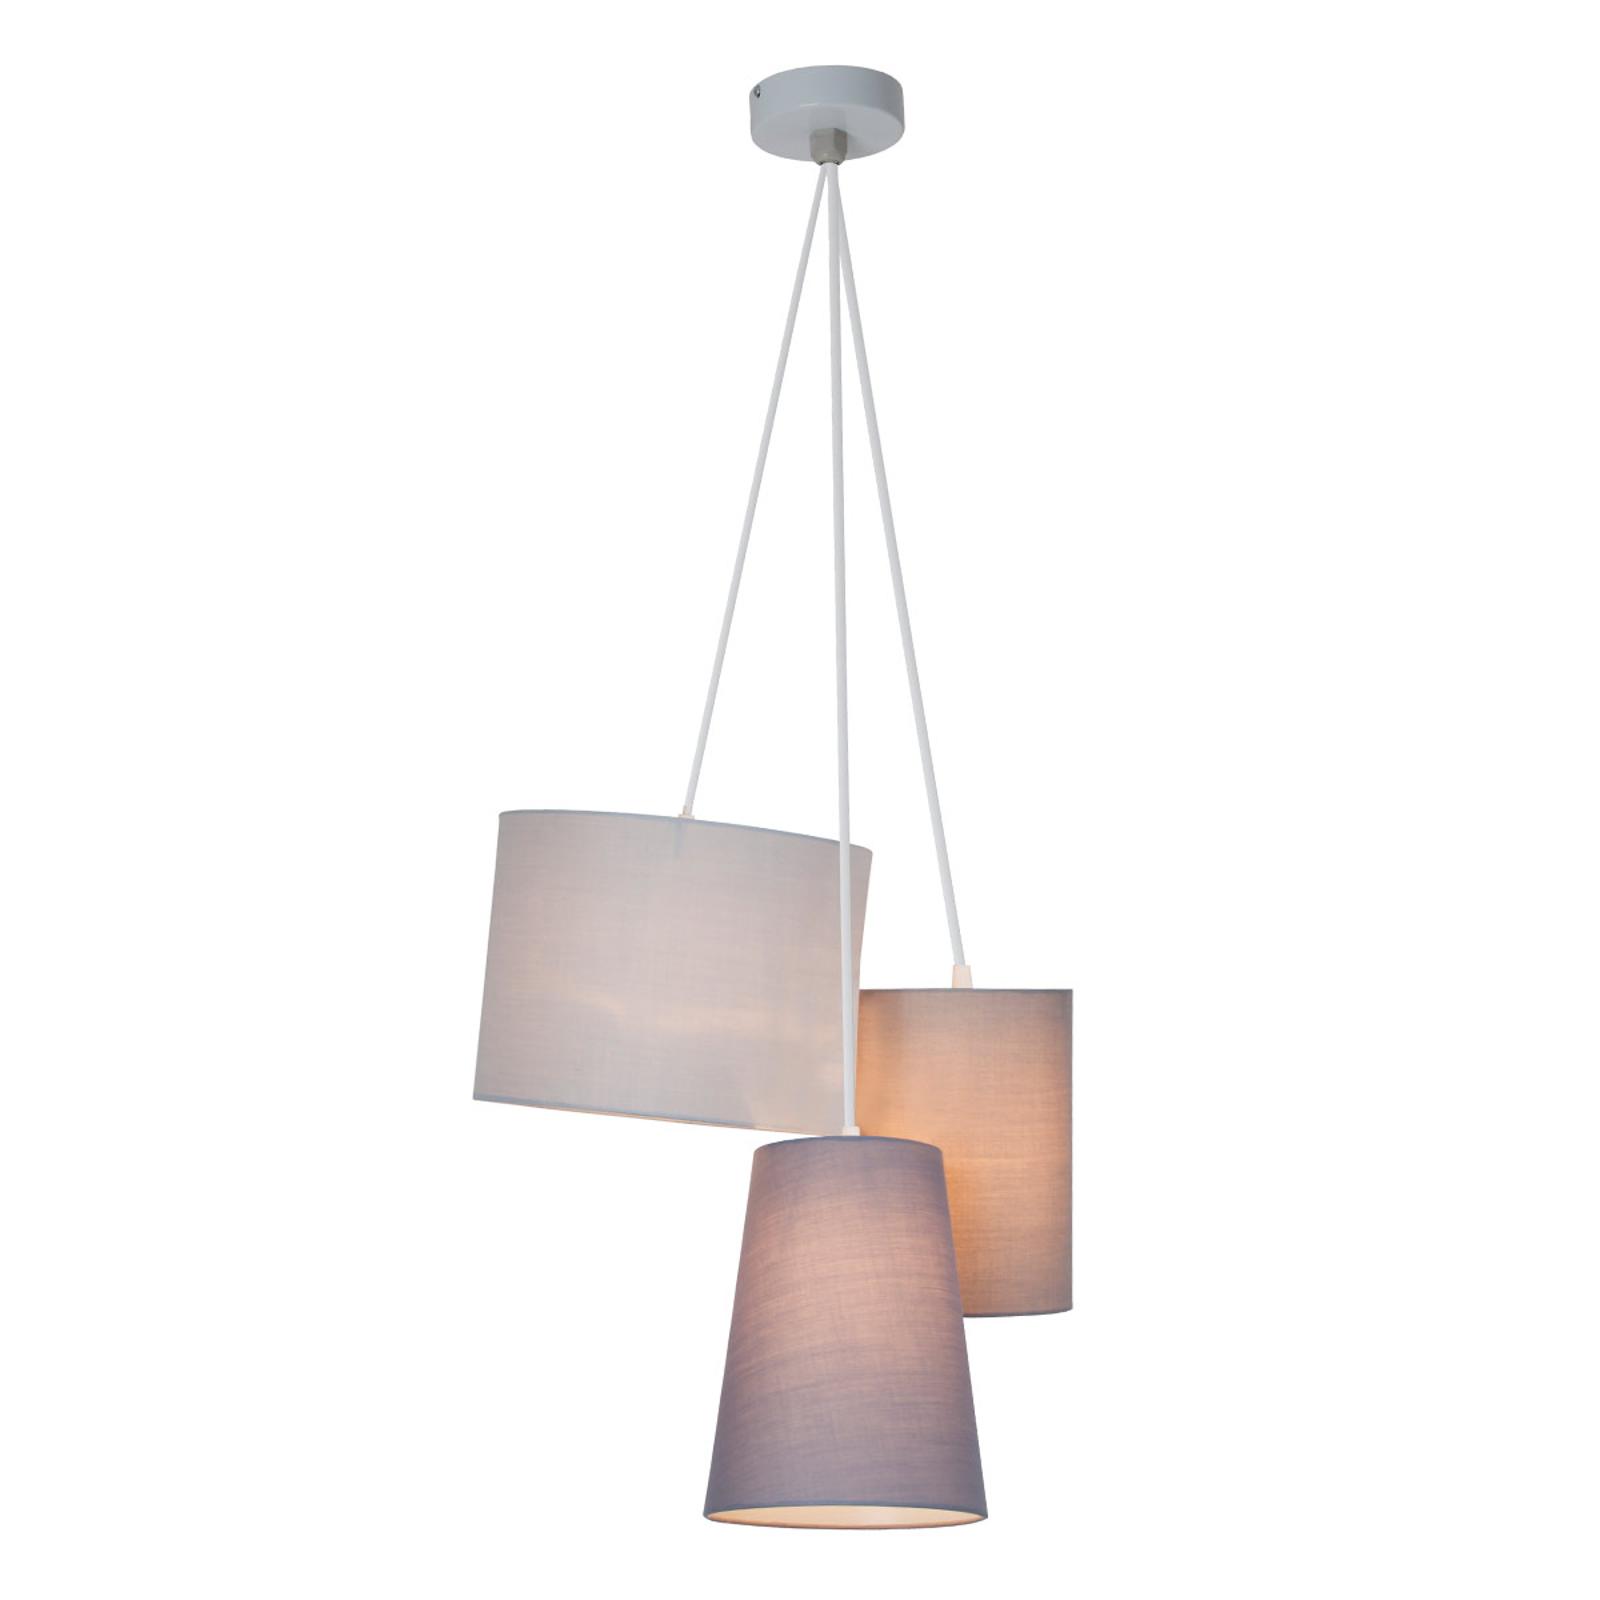 Drielamps hanglamp Trial met textielen kappen